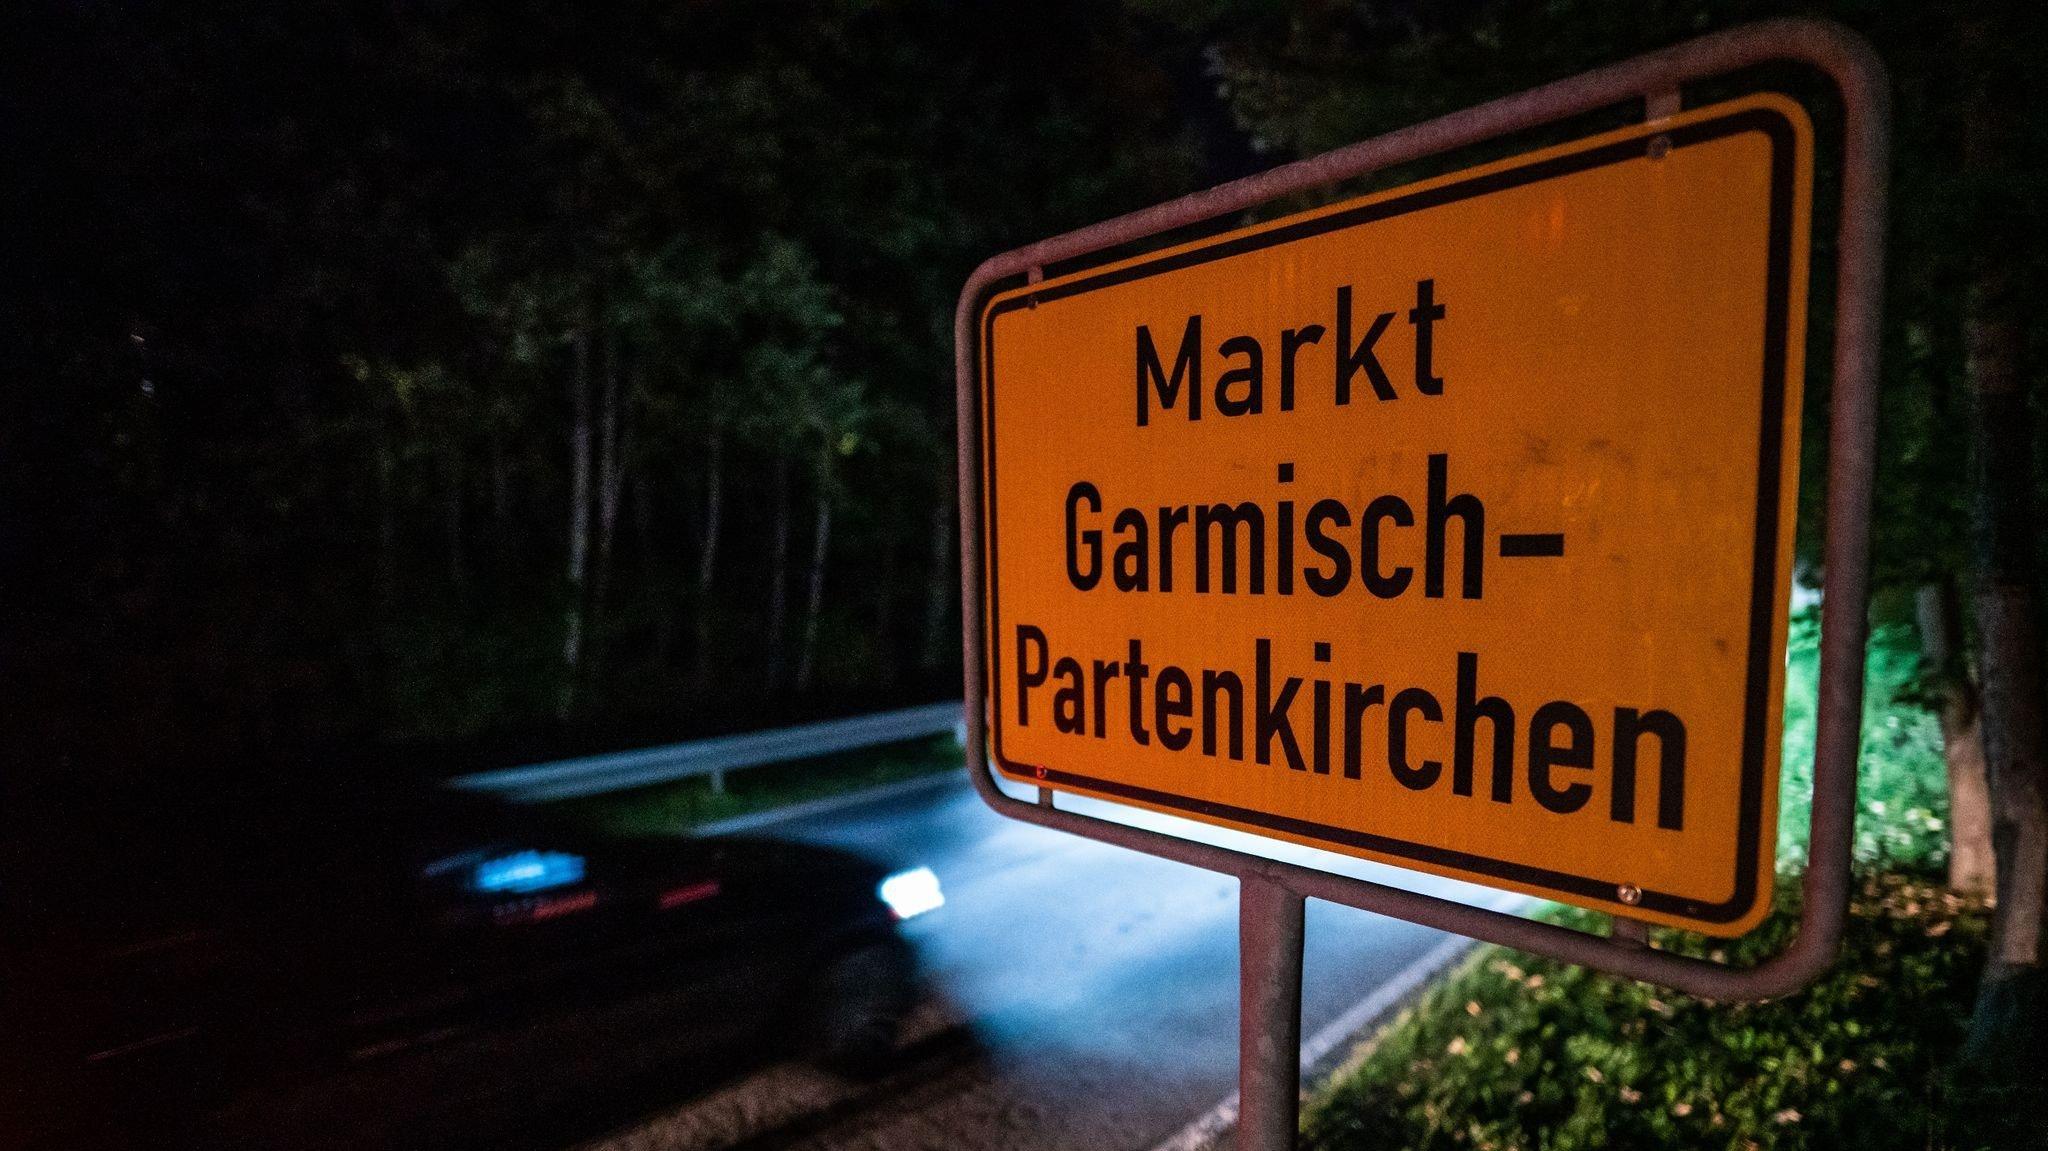 Eine 26-jährige US-Amerikanerin, die in Garmisch-Partenkirchen lebt, soll trotz Krankheitszeichen und Quarantäneauflage durch Kneipen gezogen sein. Foto: Lino Mirgeler / dpa